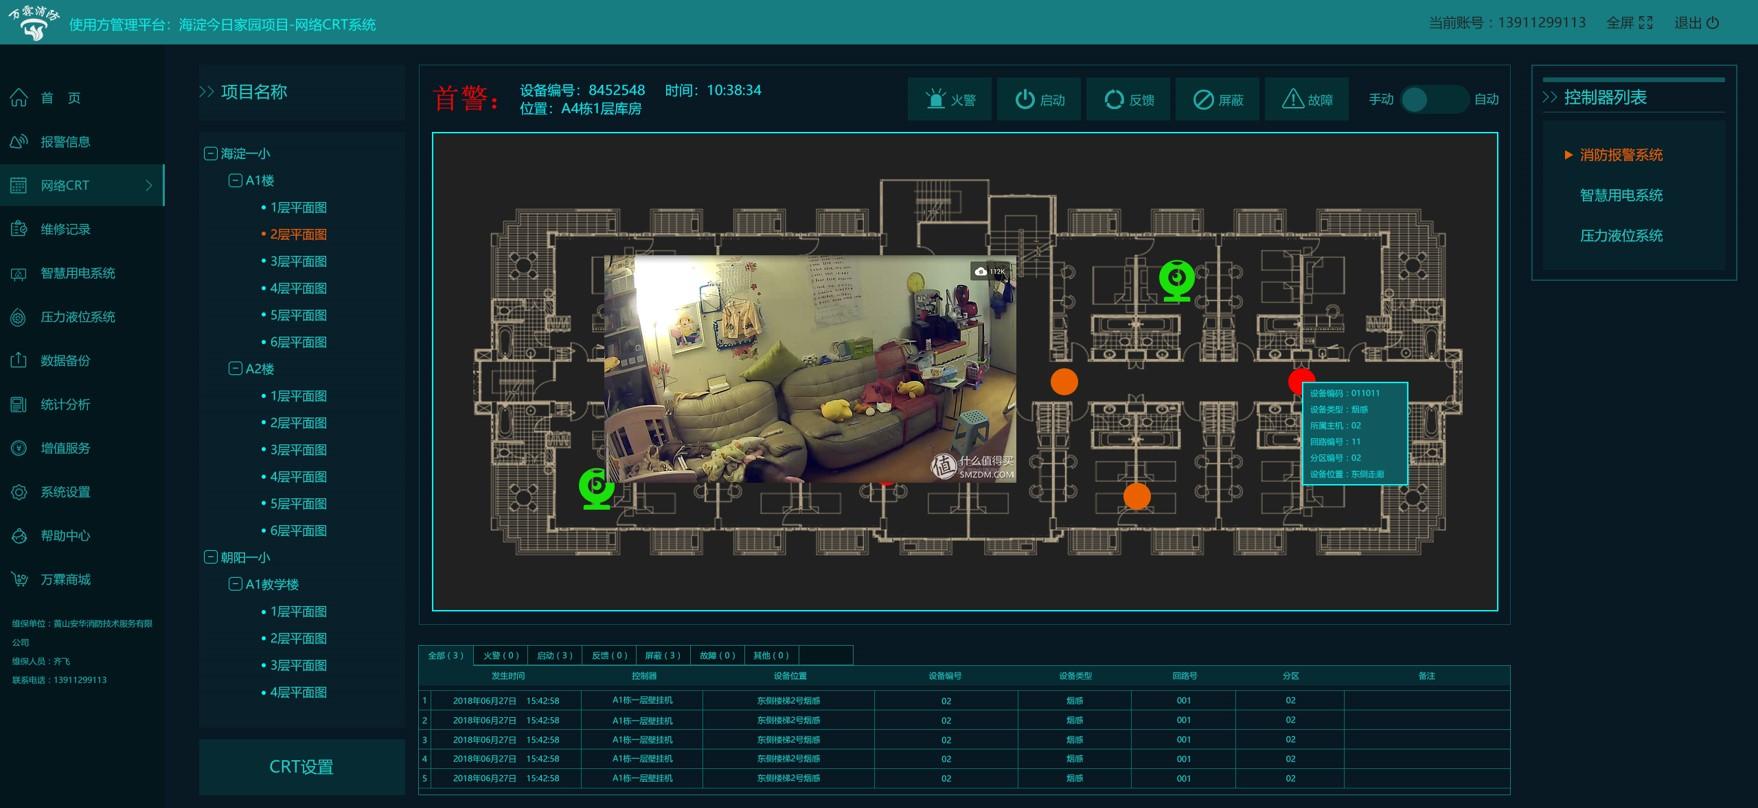 智慧消防网络CRT平面图